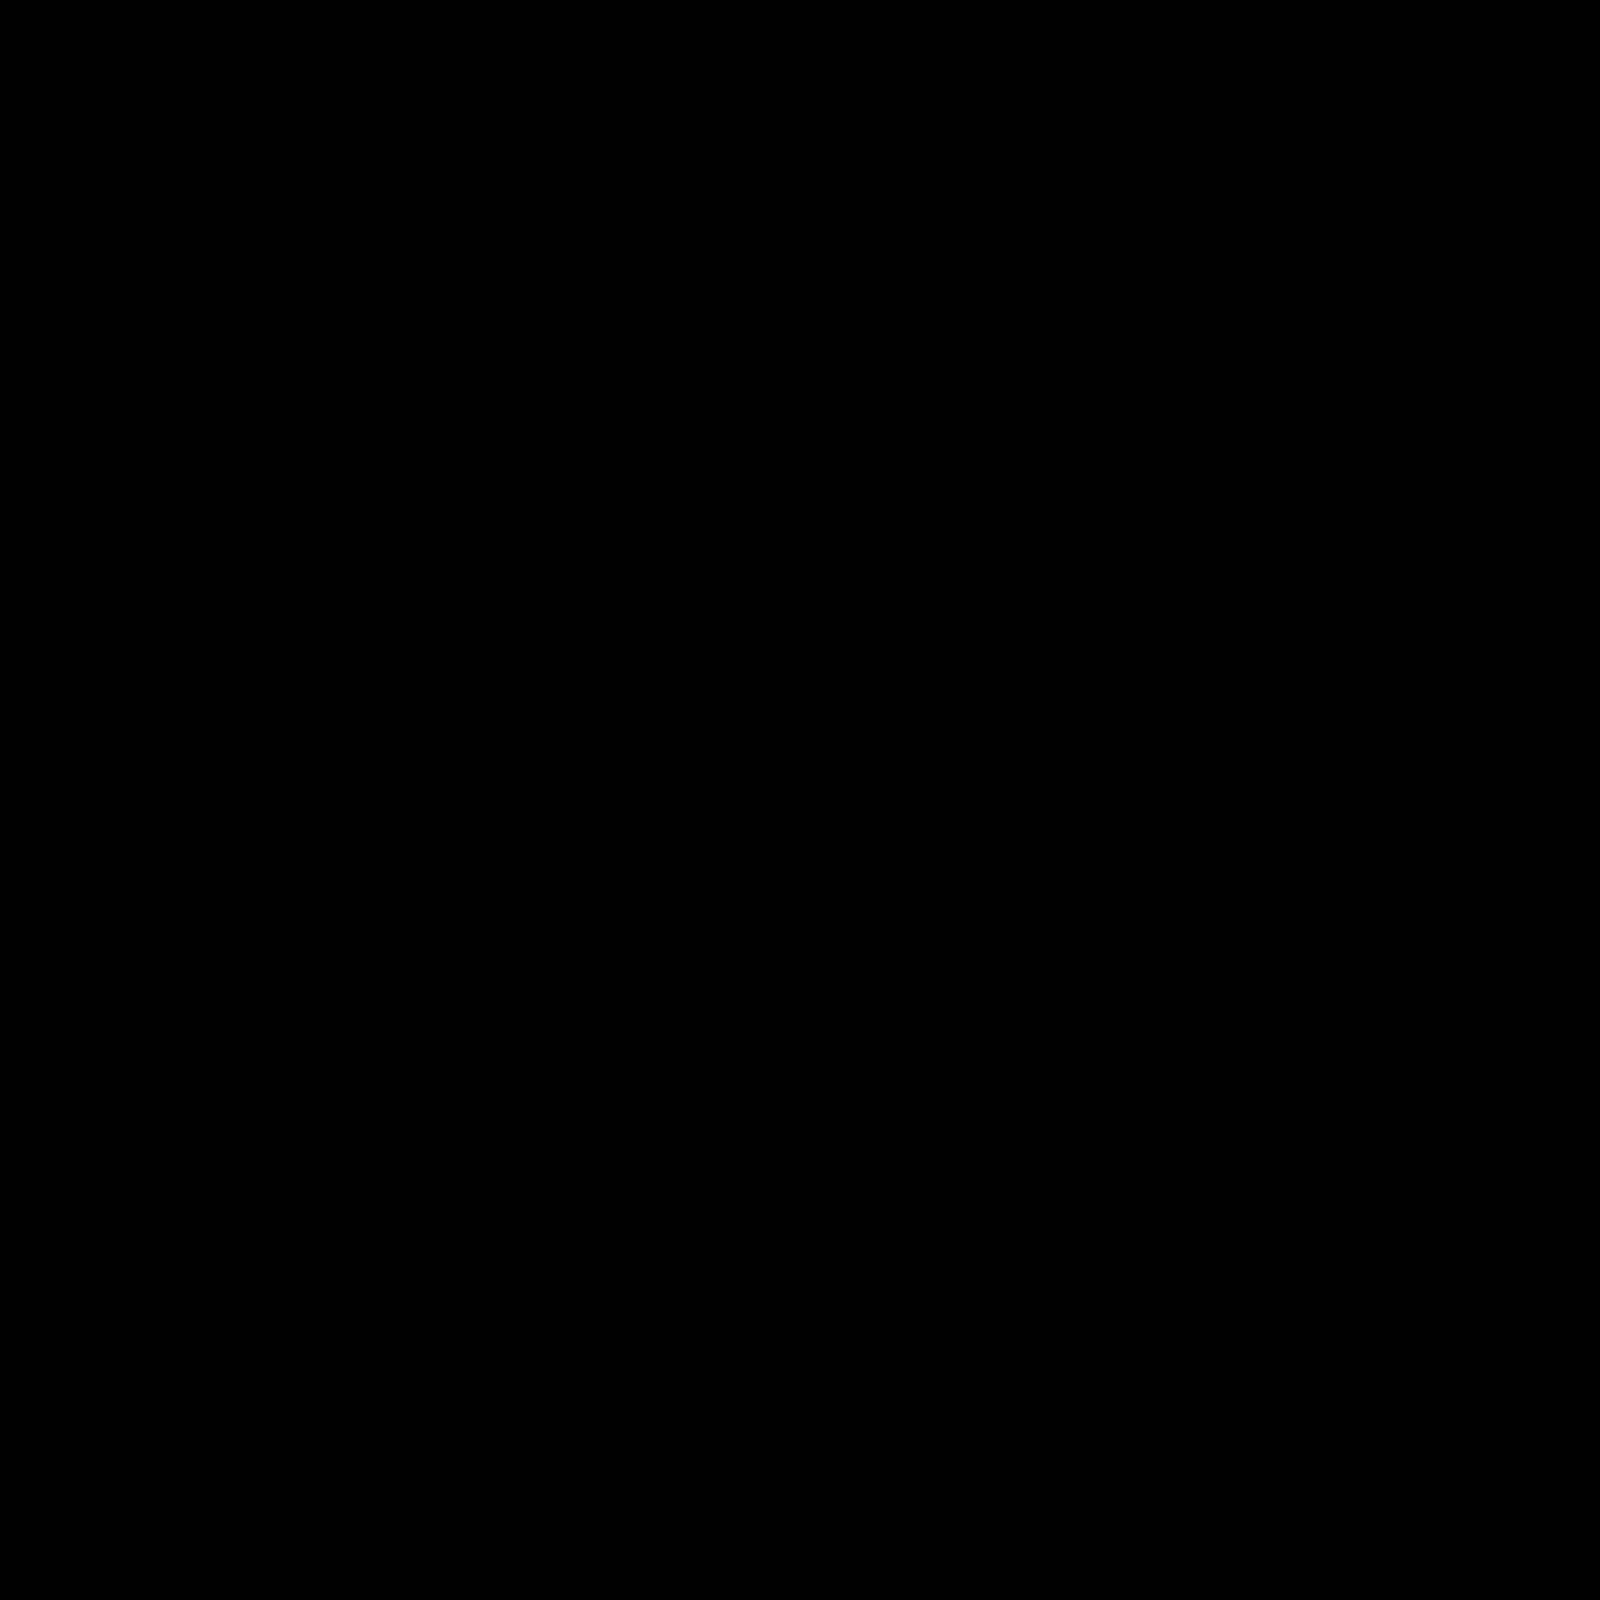 ユダヤの食品 icon